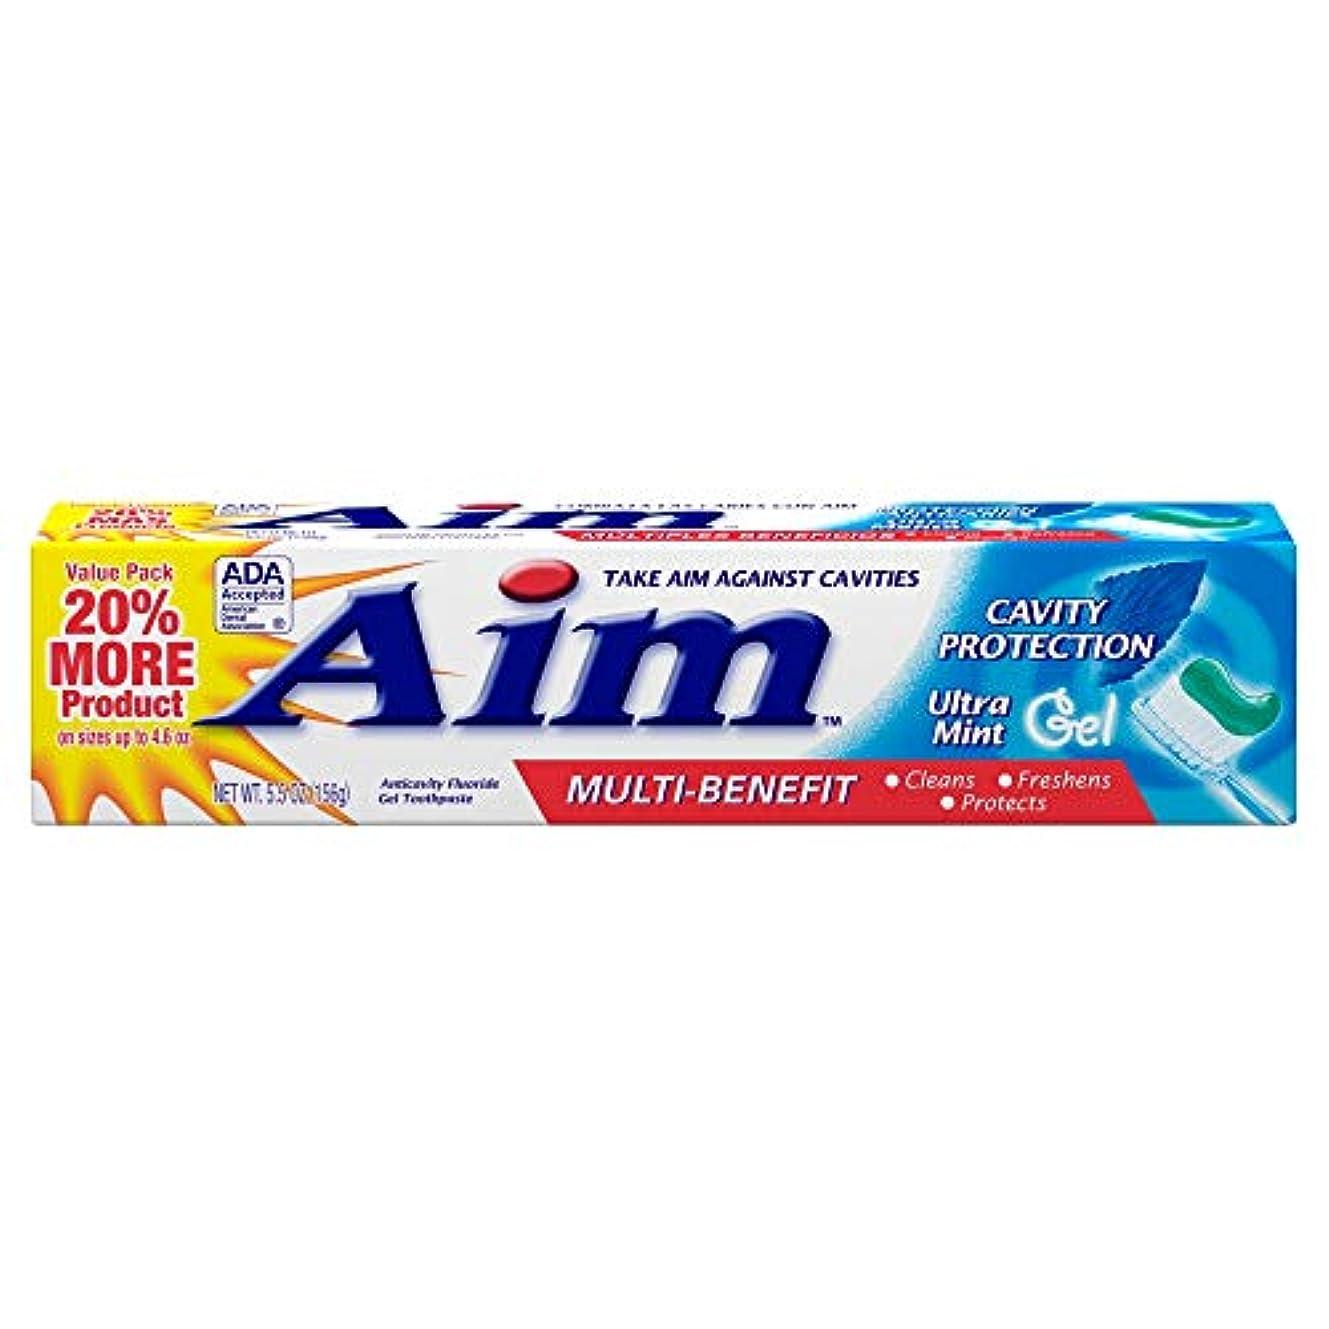 アルファベット順メダル日記AIM 空洞保護歯磨きウルトラミントジェル、5.5オンス、4パック 4パック